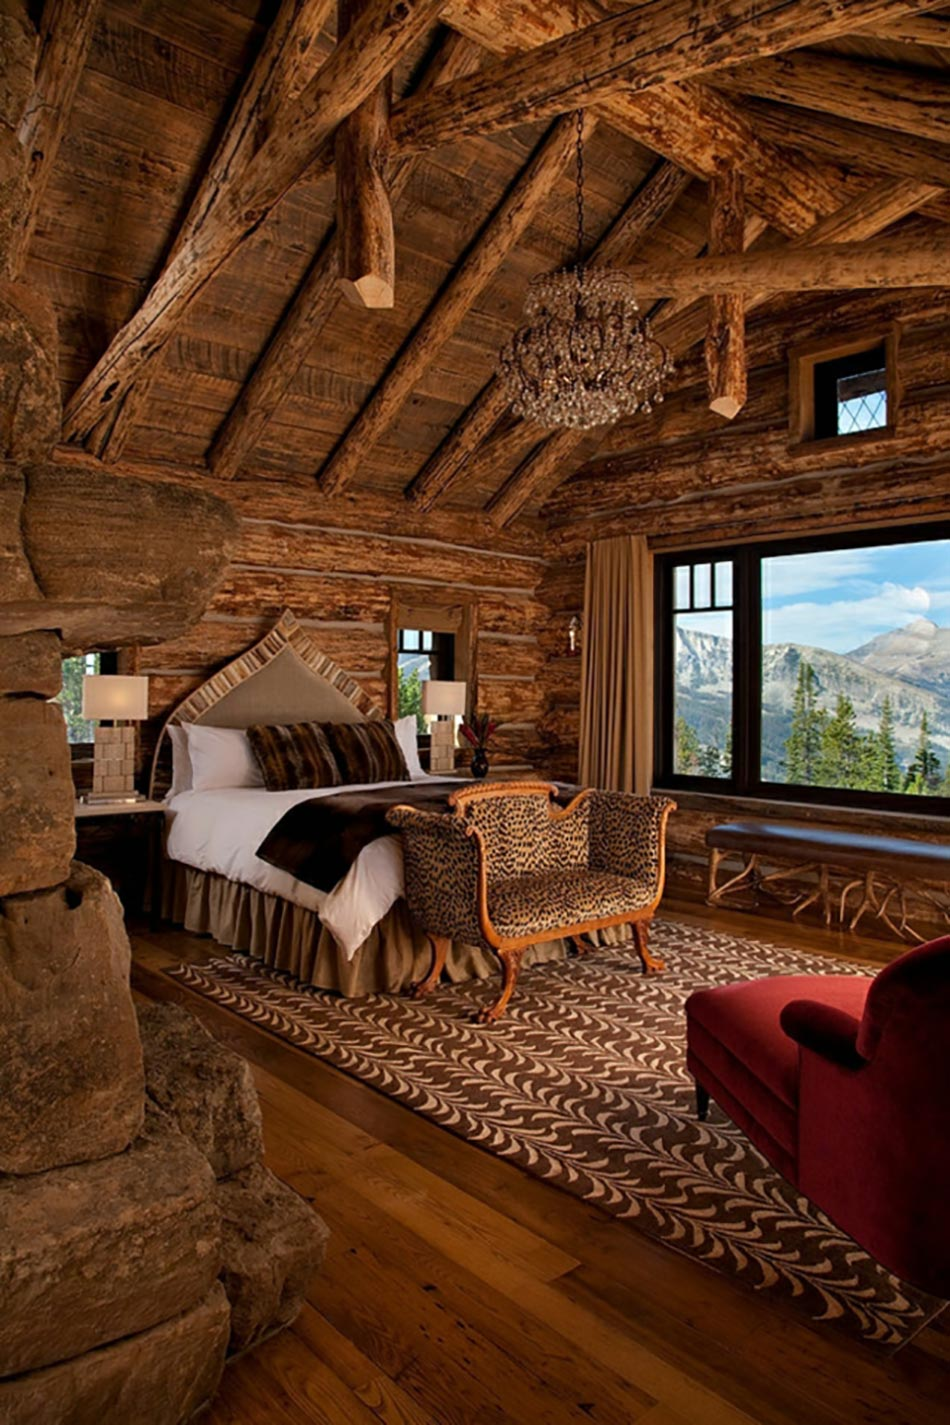 Faire Une Belle Chambre magnifiques chambres avec une belle vue à couper le souffle